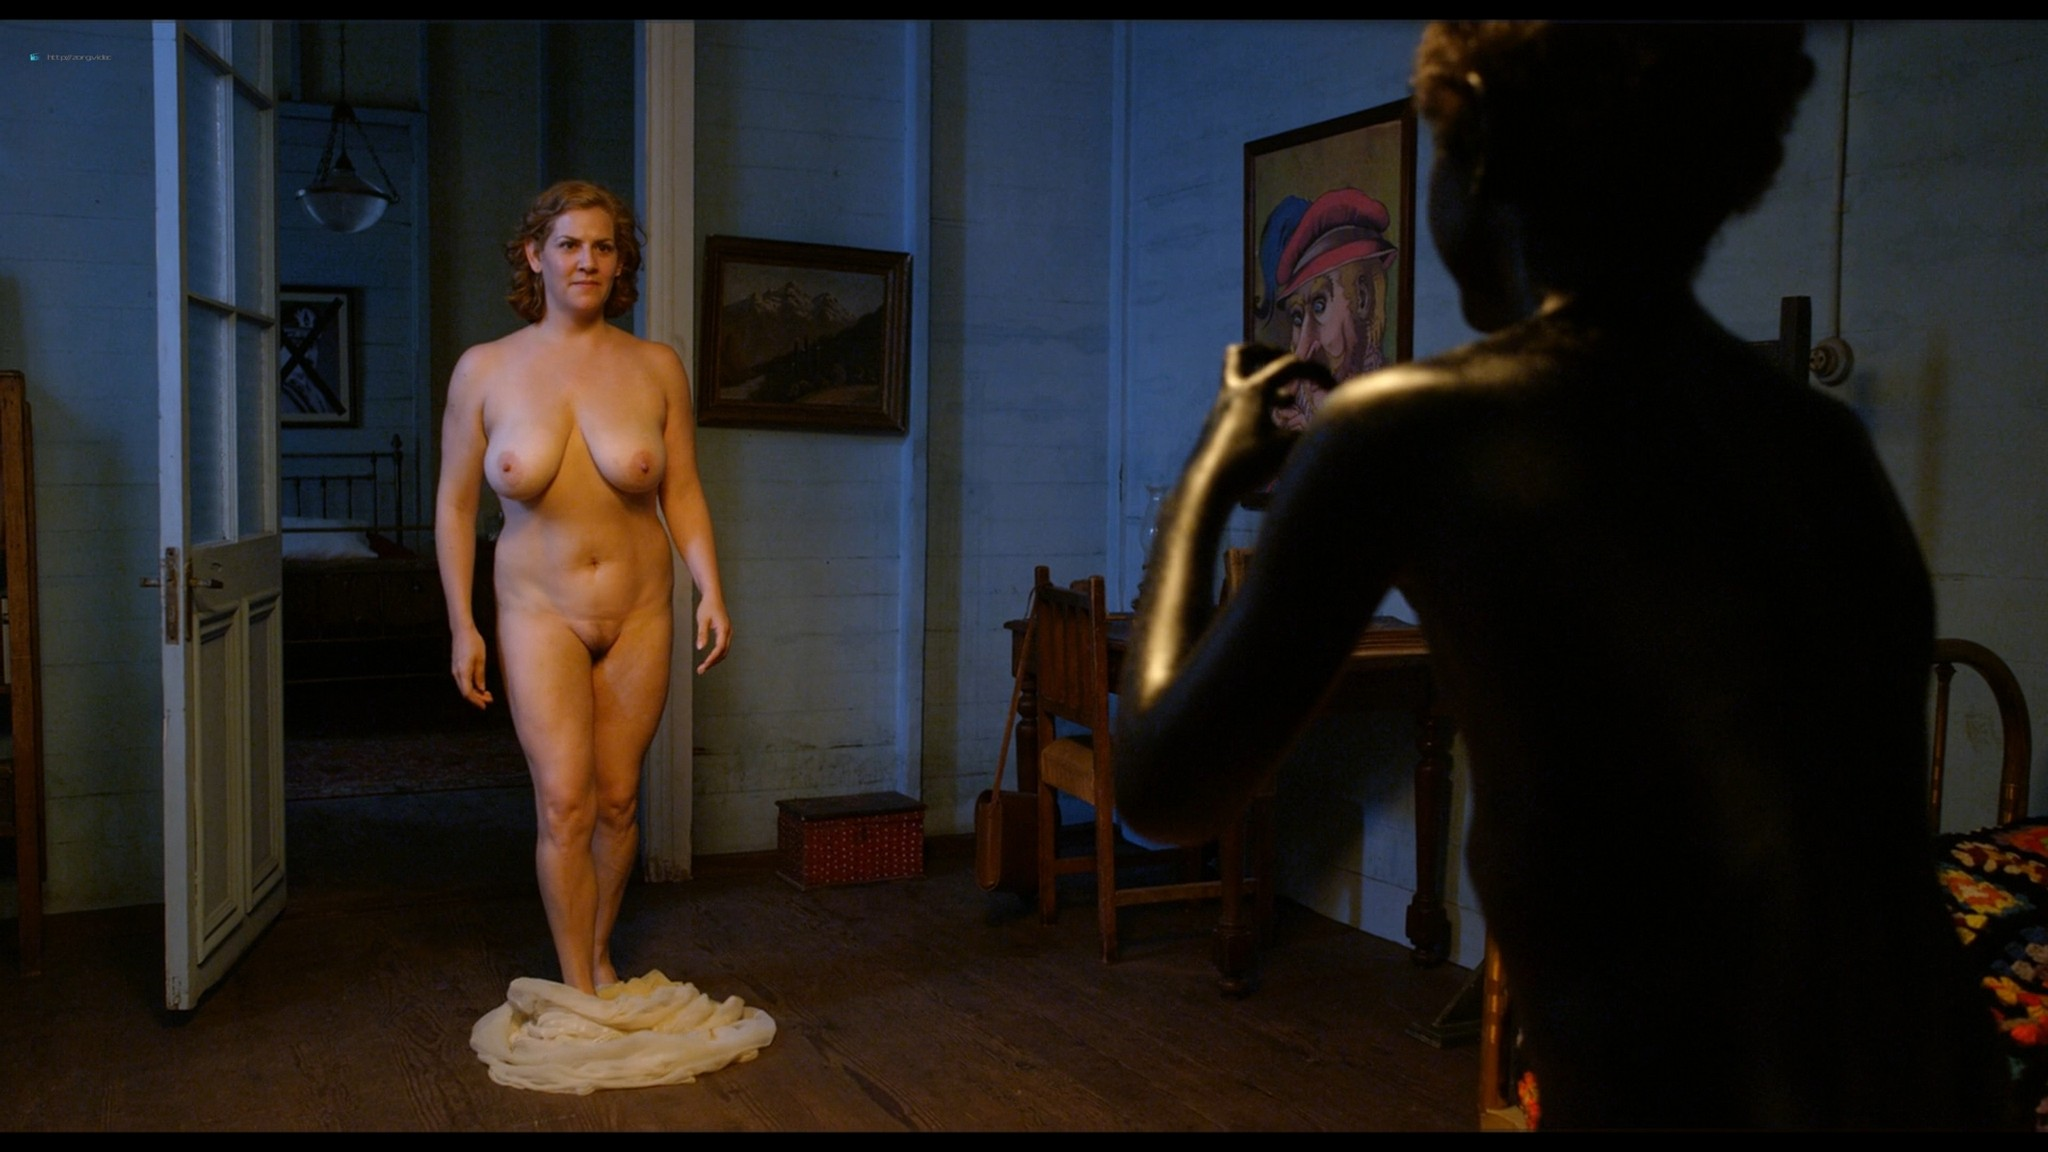 Pamela Flores nude full frontal - La danza de la realidad (2013) HD 1080p BluRay REMUX (9)